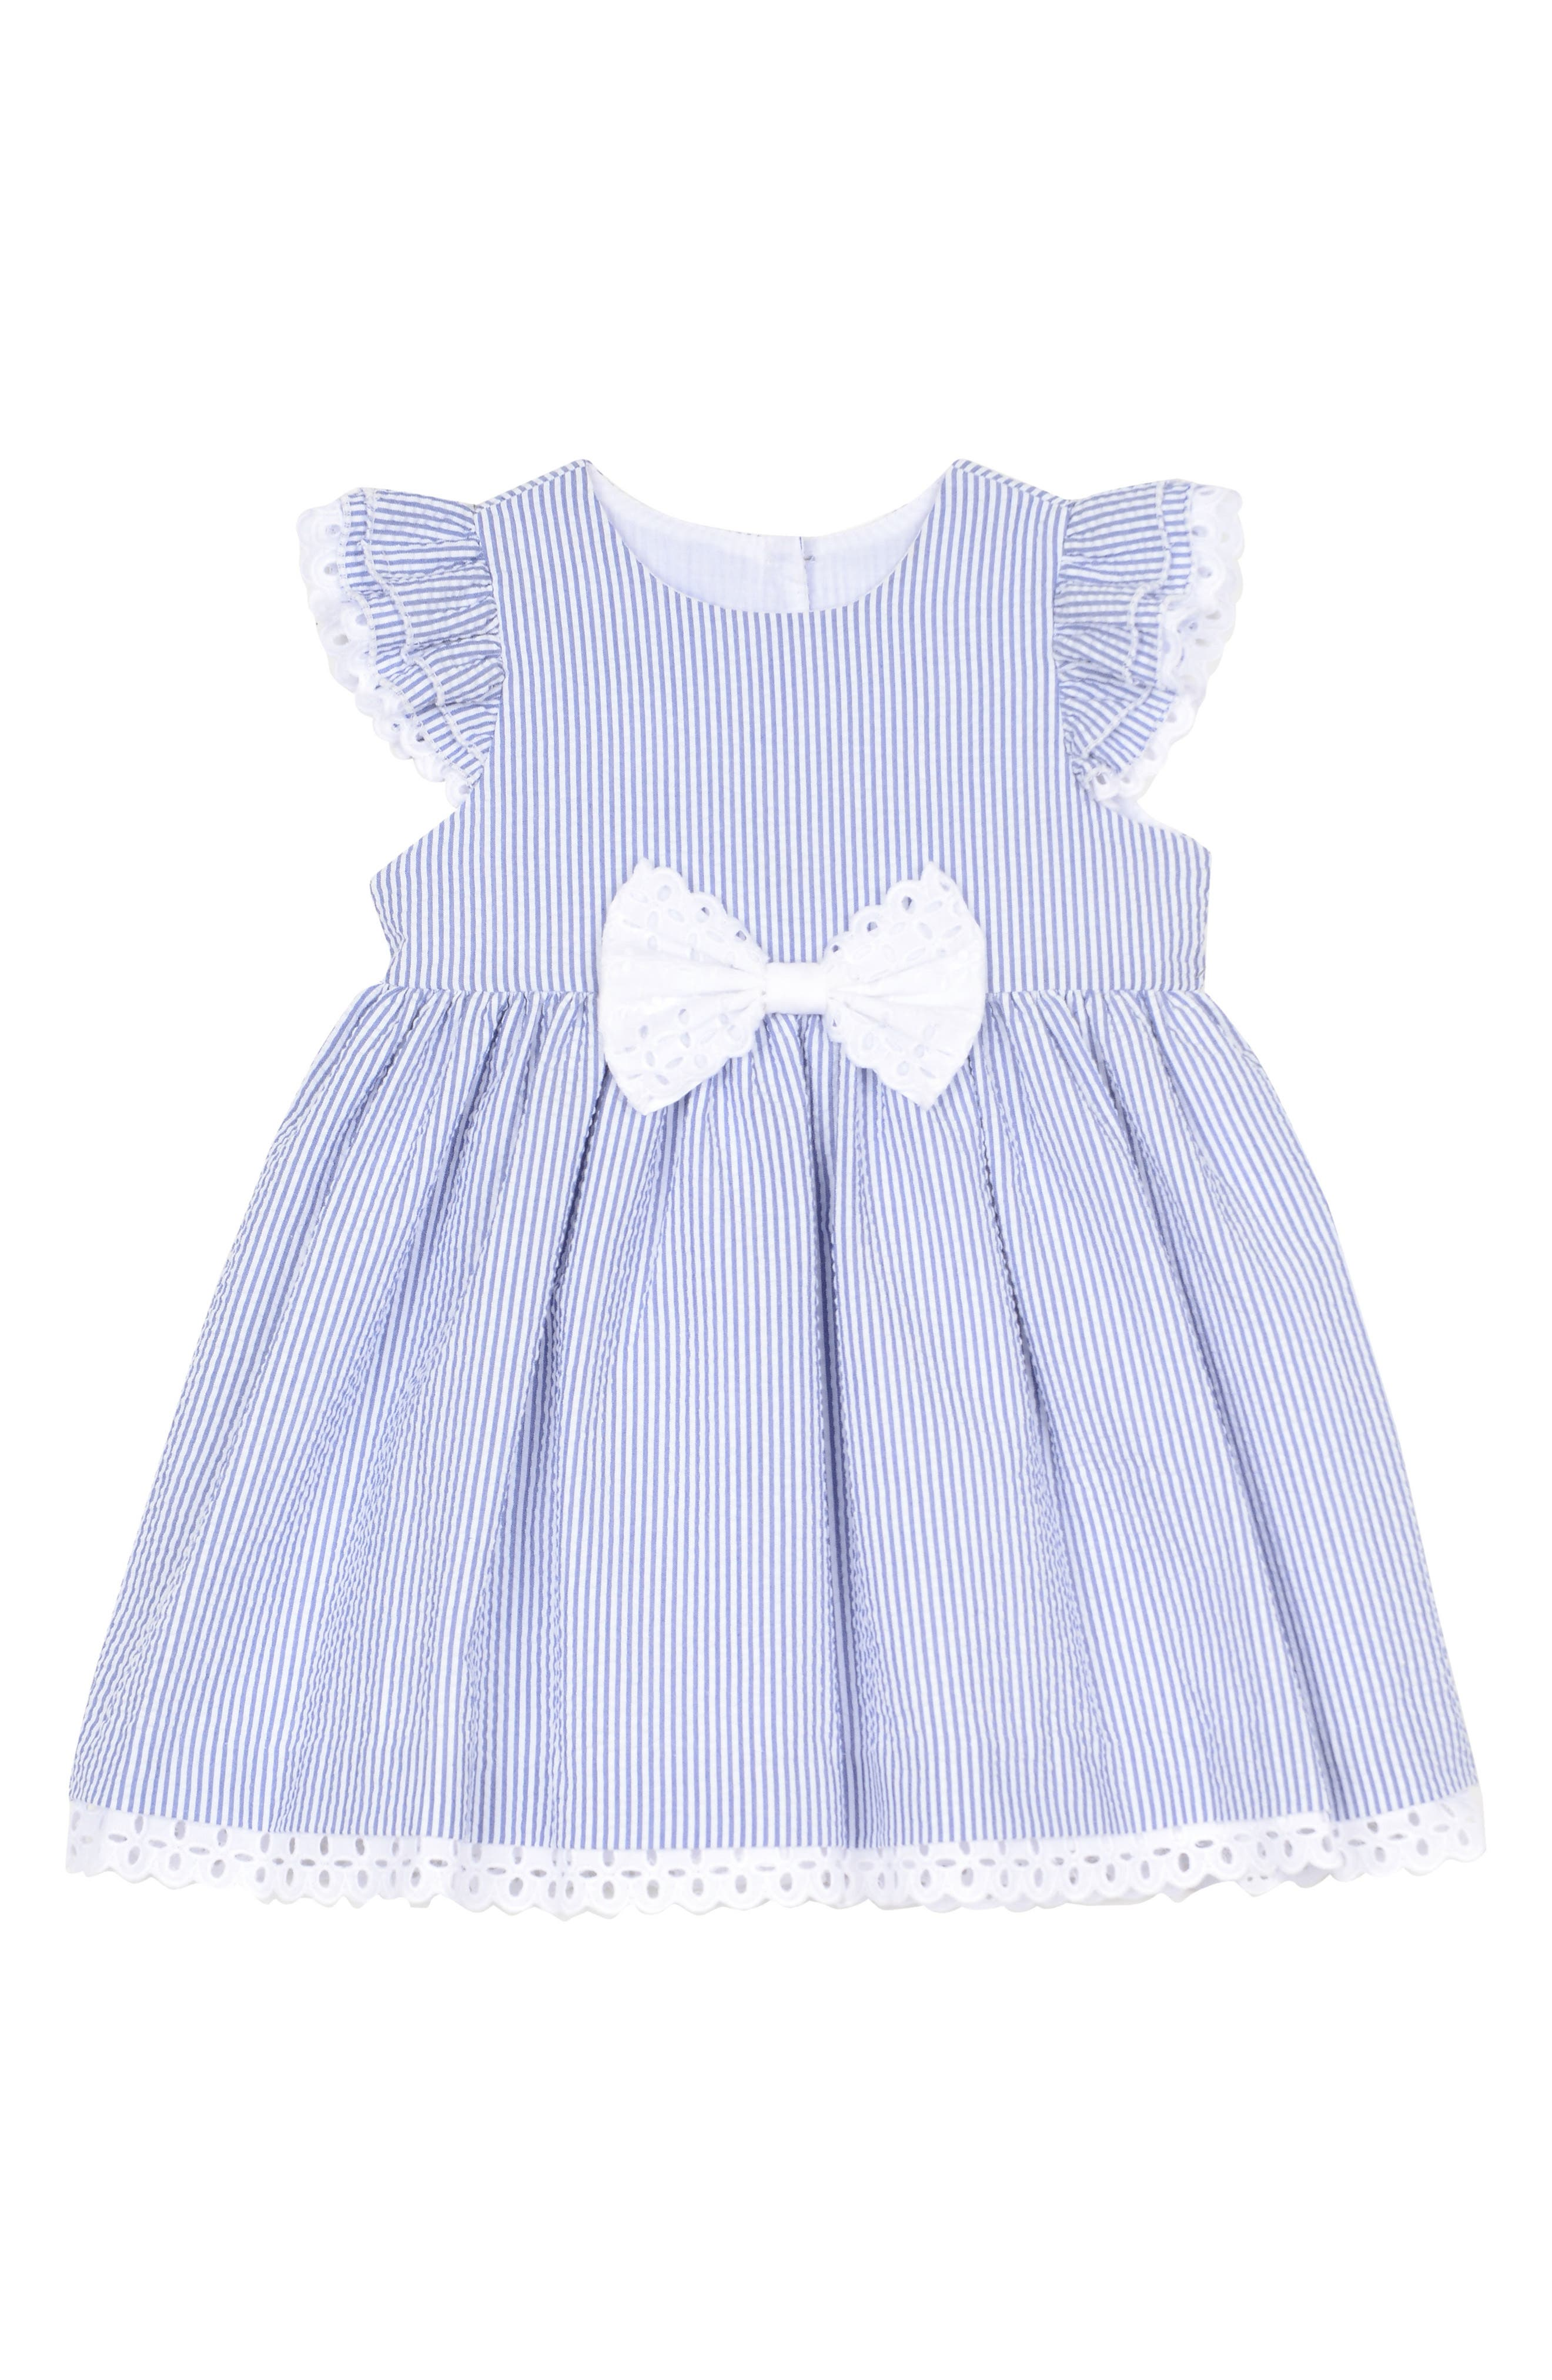 Pippa & Julie Ruffle Seersucker Dress (Toddler Girls & Little Girls)